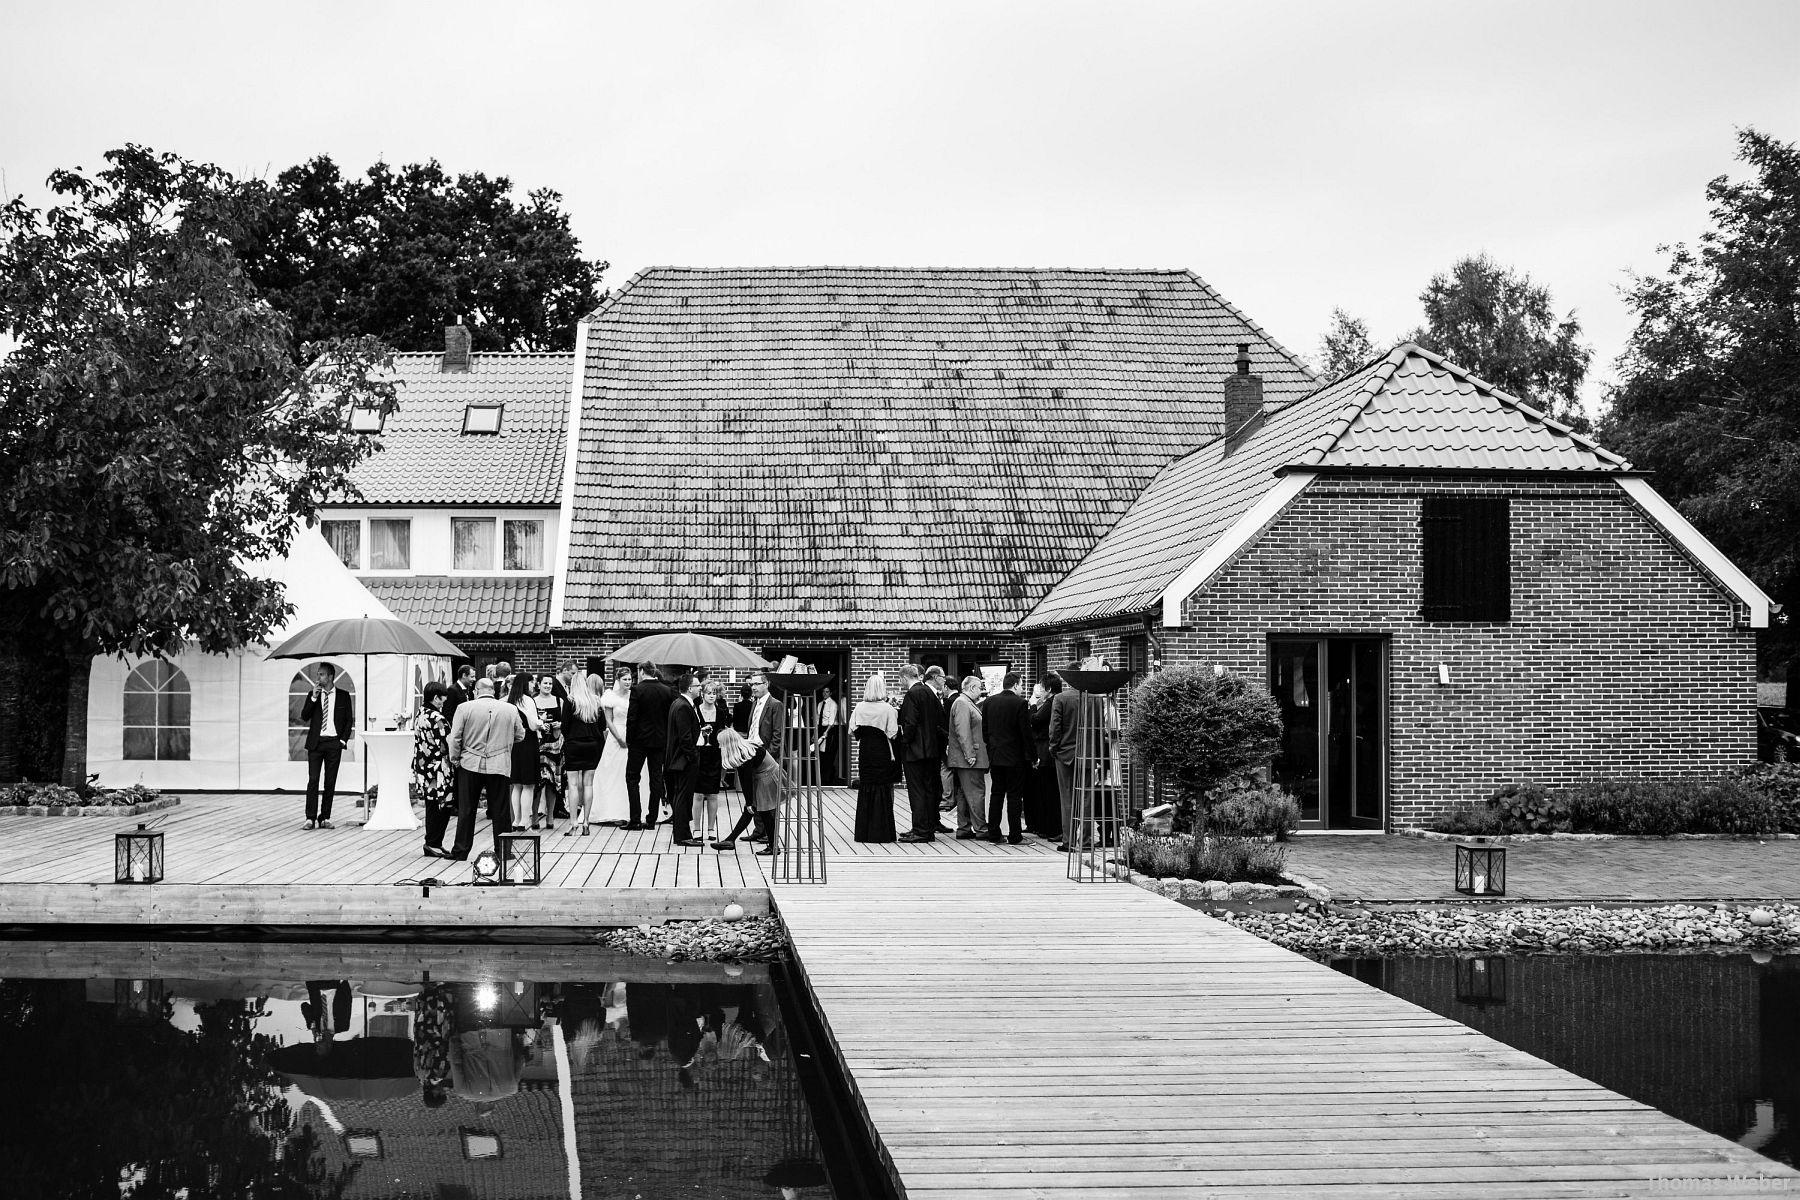 Hochzeitsfotograf Rastede: Kirchliche Trauung in der St. Ulrichs Kirche Rastede und Hochzeitsfeier in der Eventscheune St Georg Rastede mit dem Catering von Split Food (Michael Niebuhr) aus Oldenburg (41)